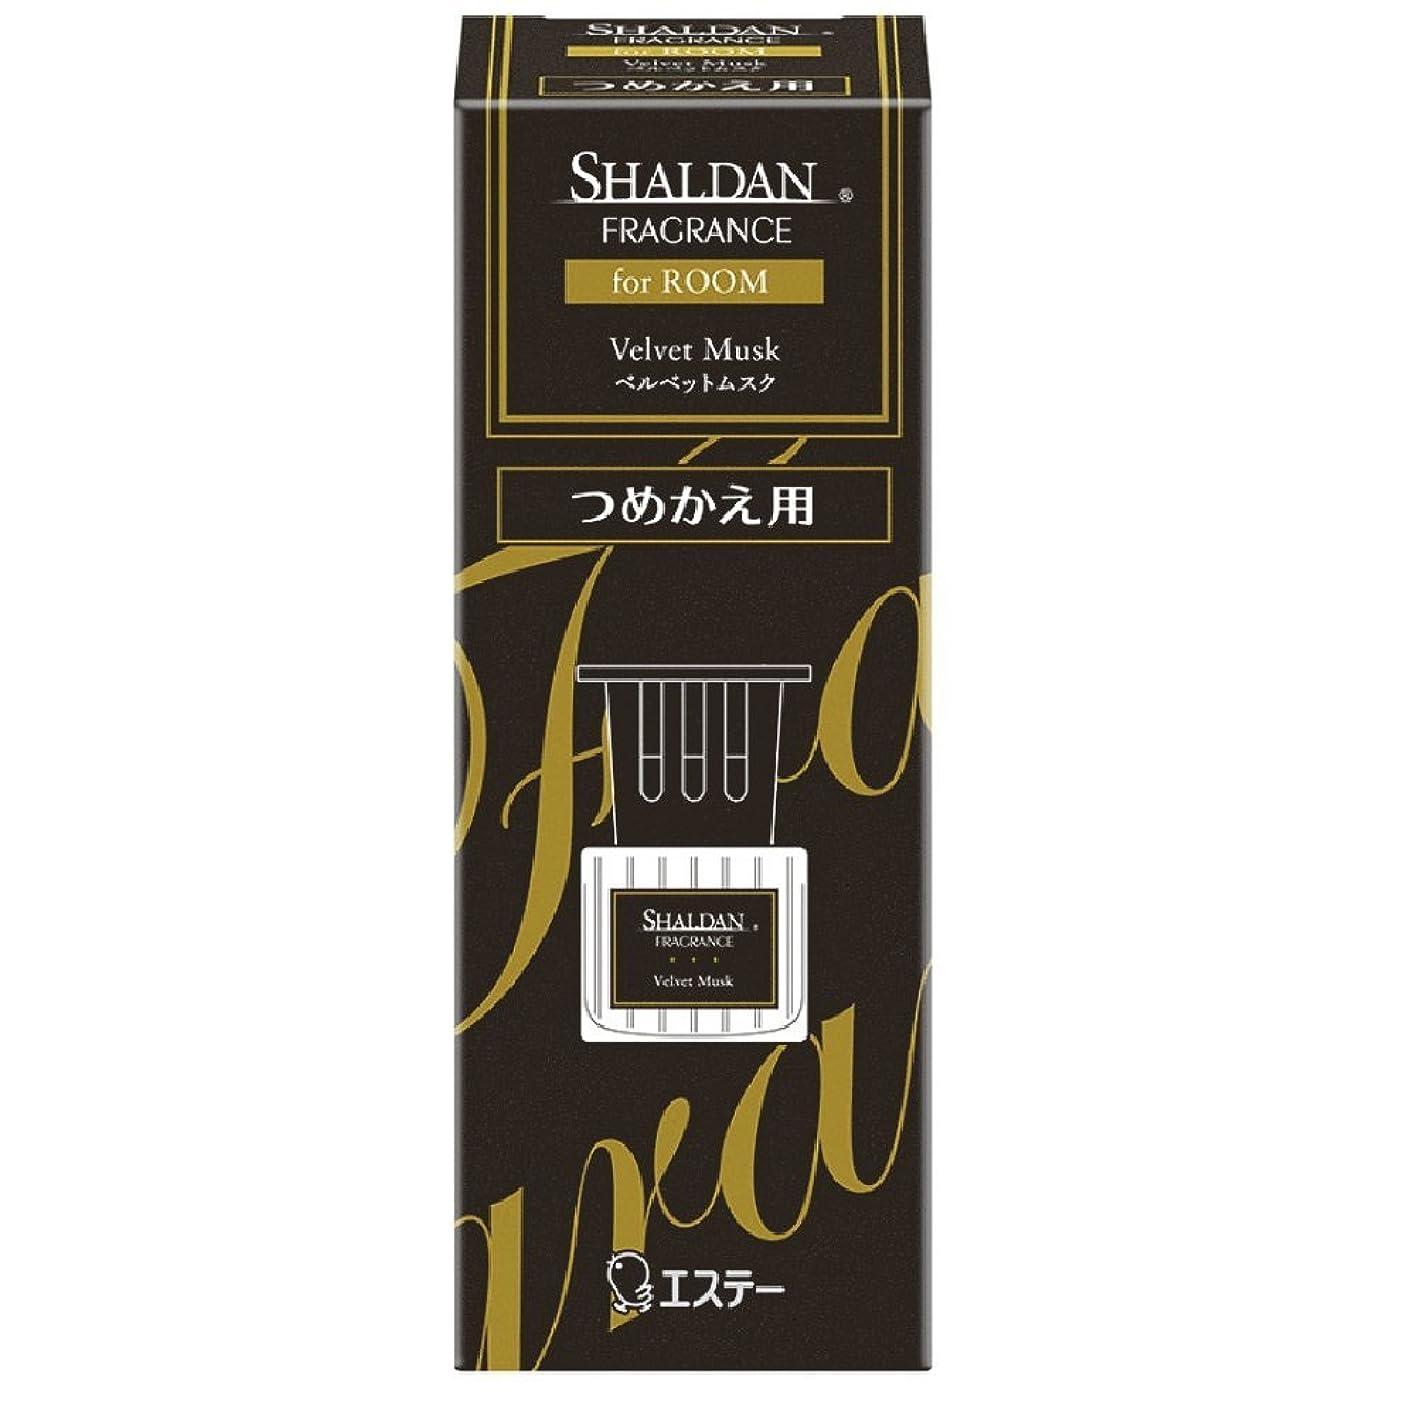 既に分布準備シャルダン SHALDAN フレグランス for ROOM 芳香剤 部屋用 部屋 つめかえ ベルベットムスク 65ml